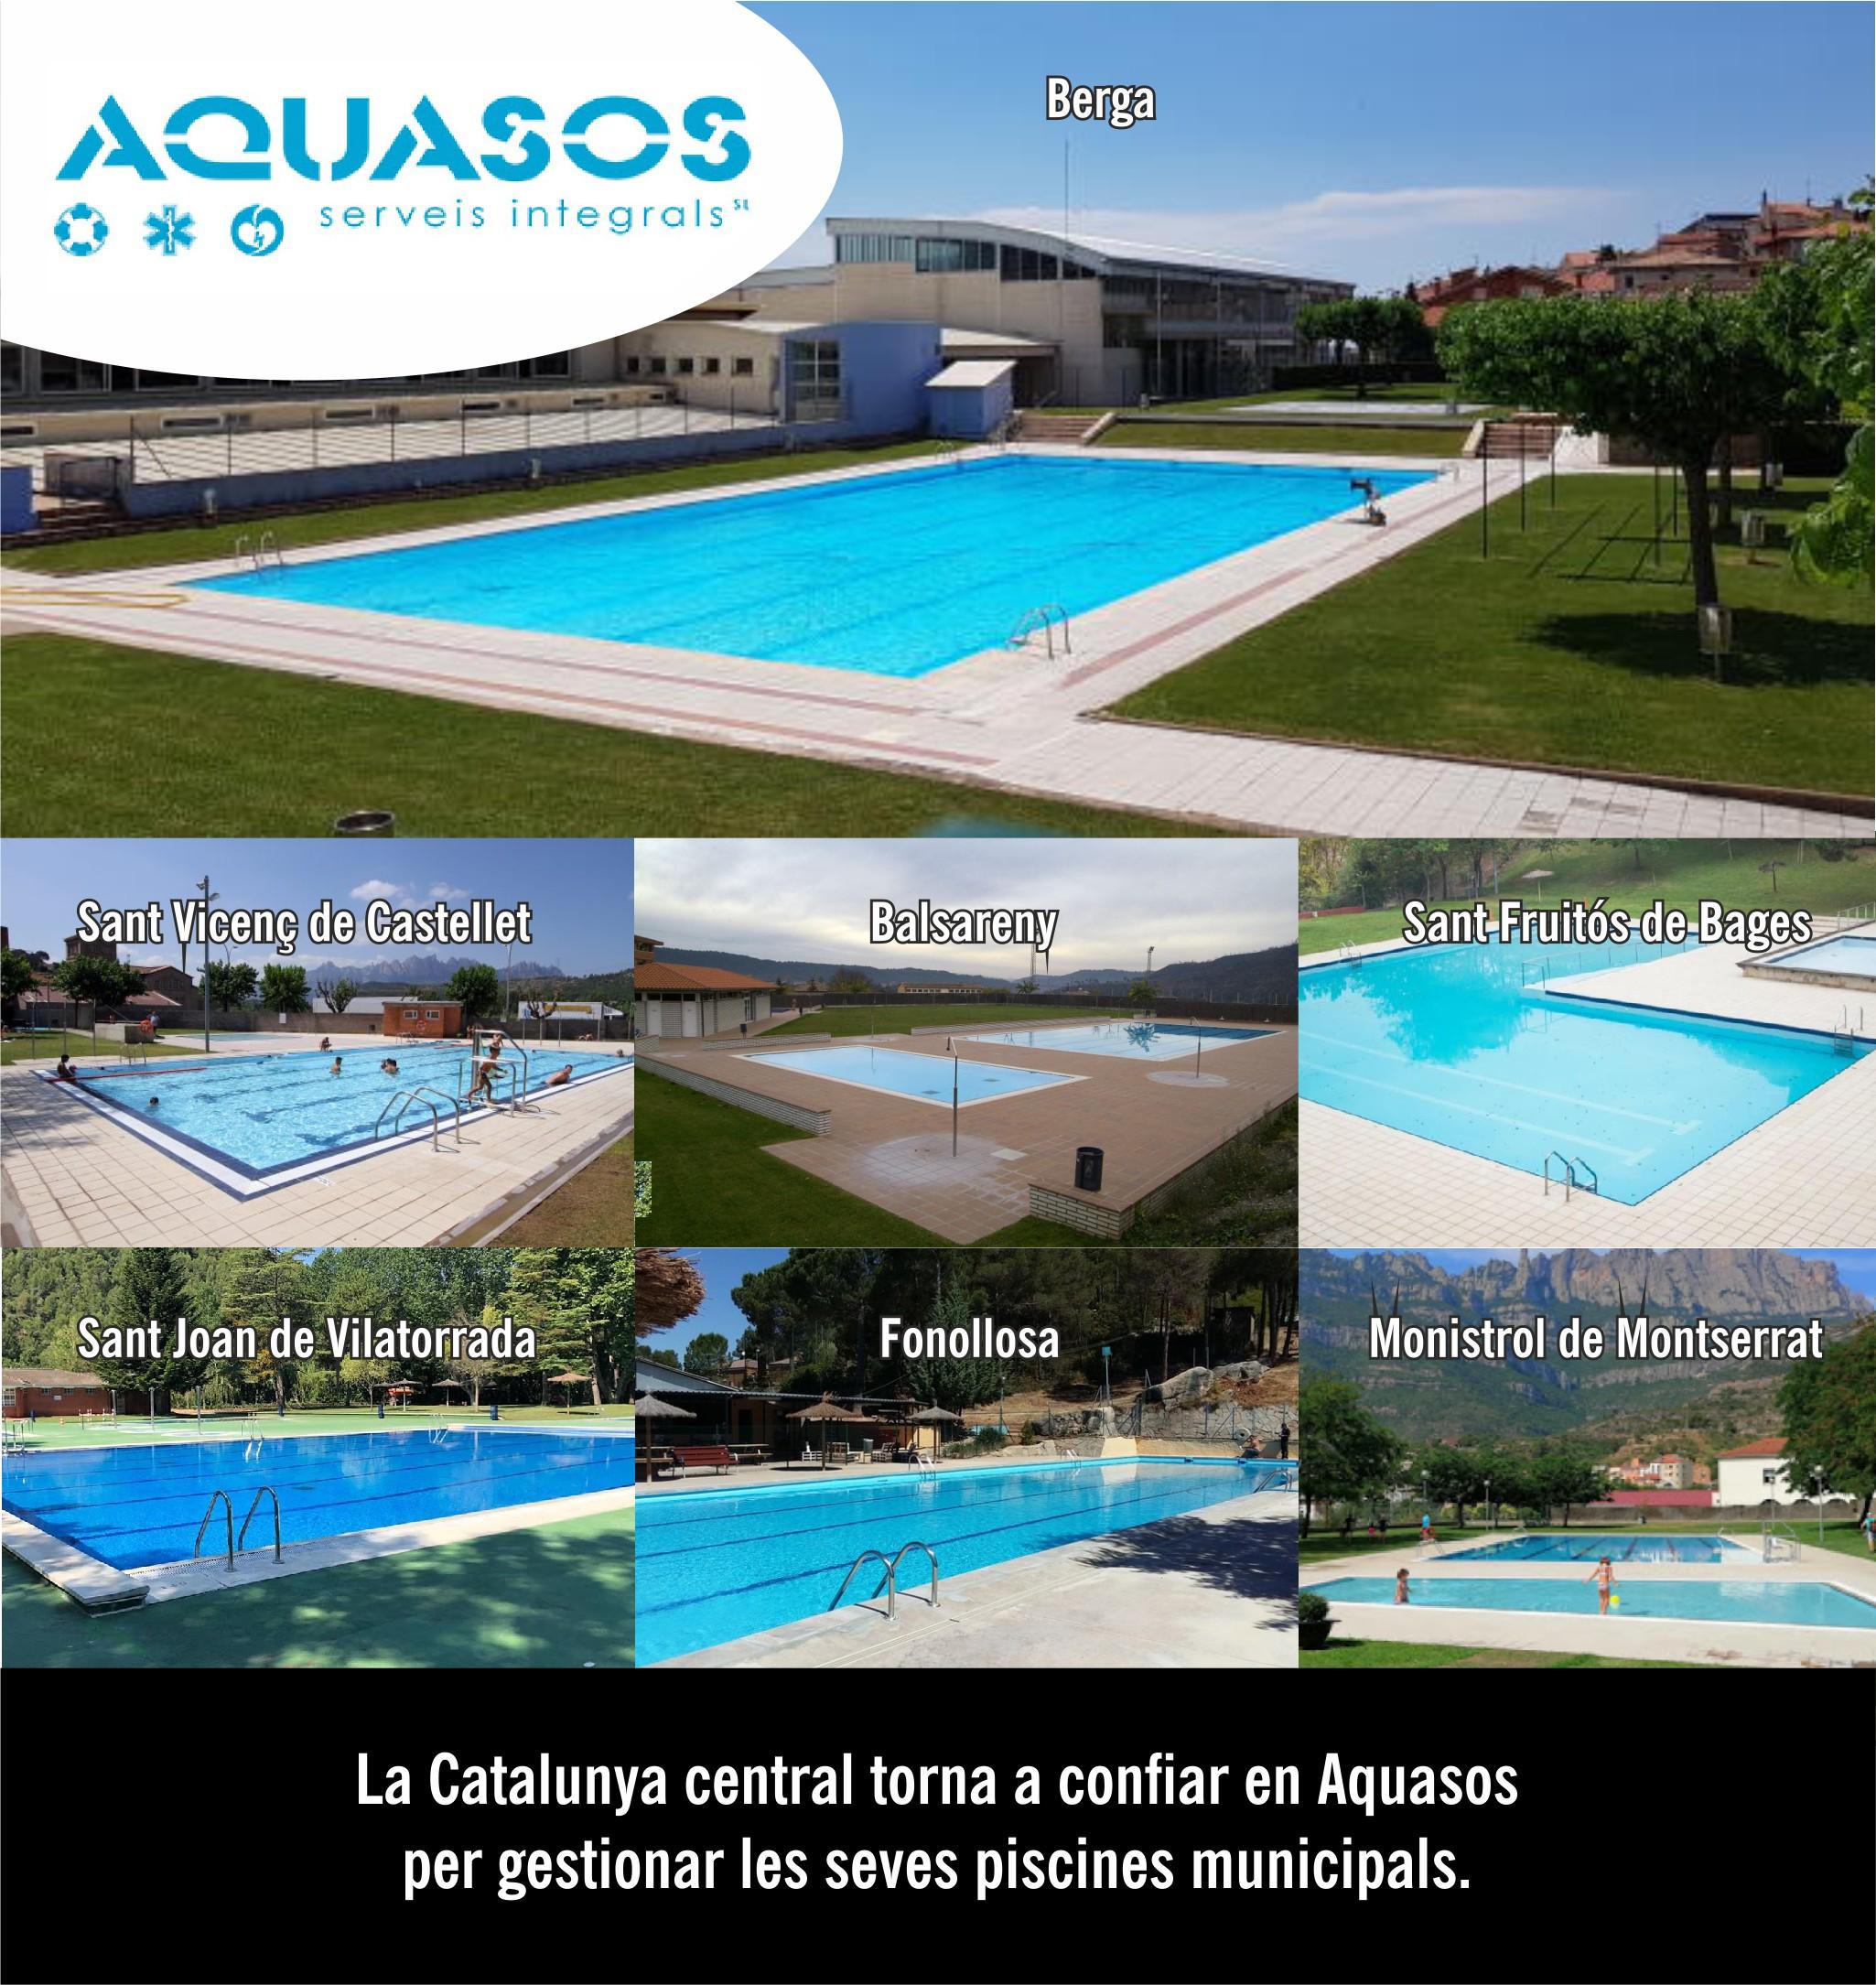 La Catalunya central torna a confiar en Aquasos per gestionar les seves piscines municipals